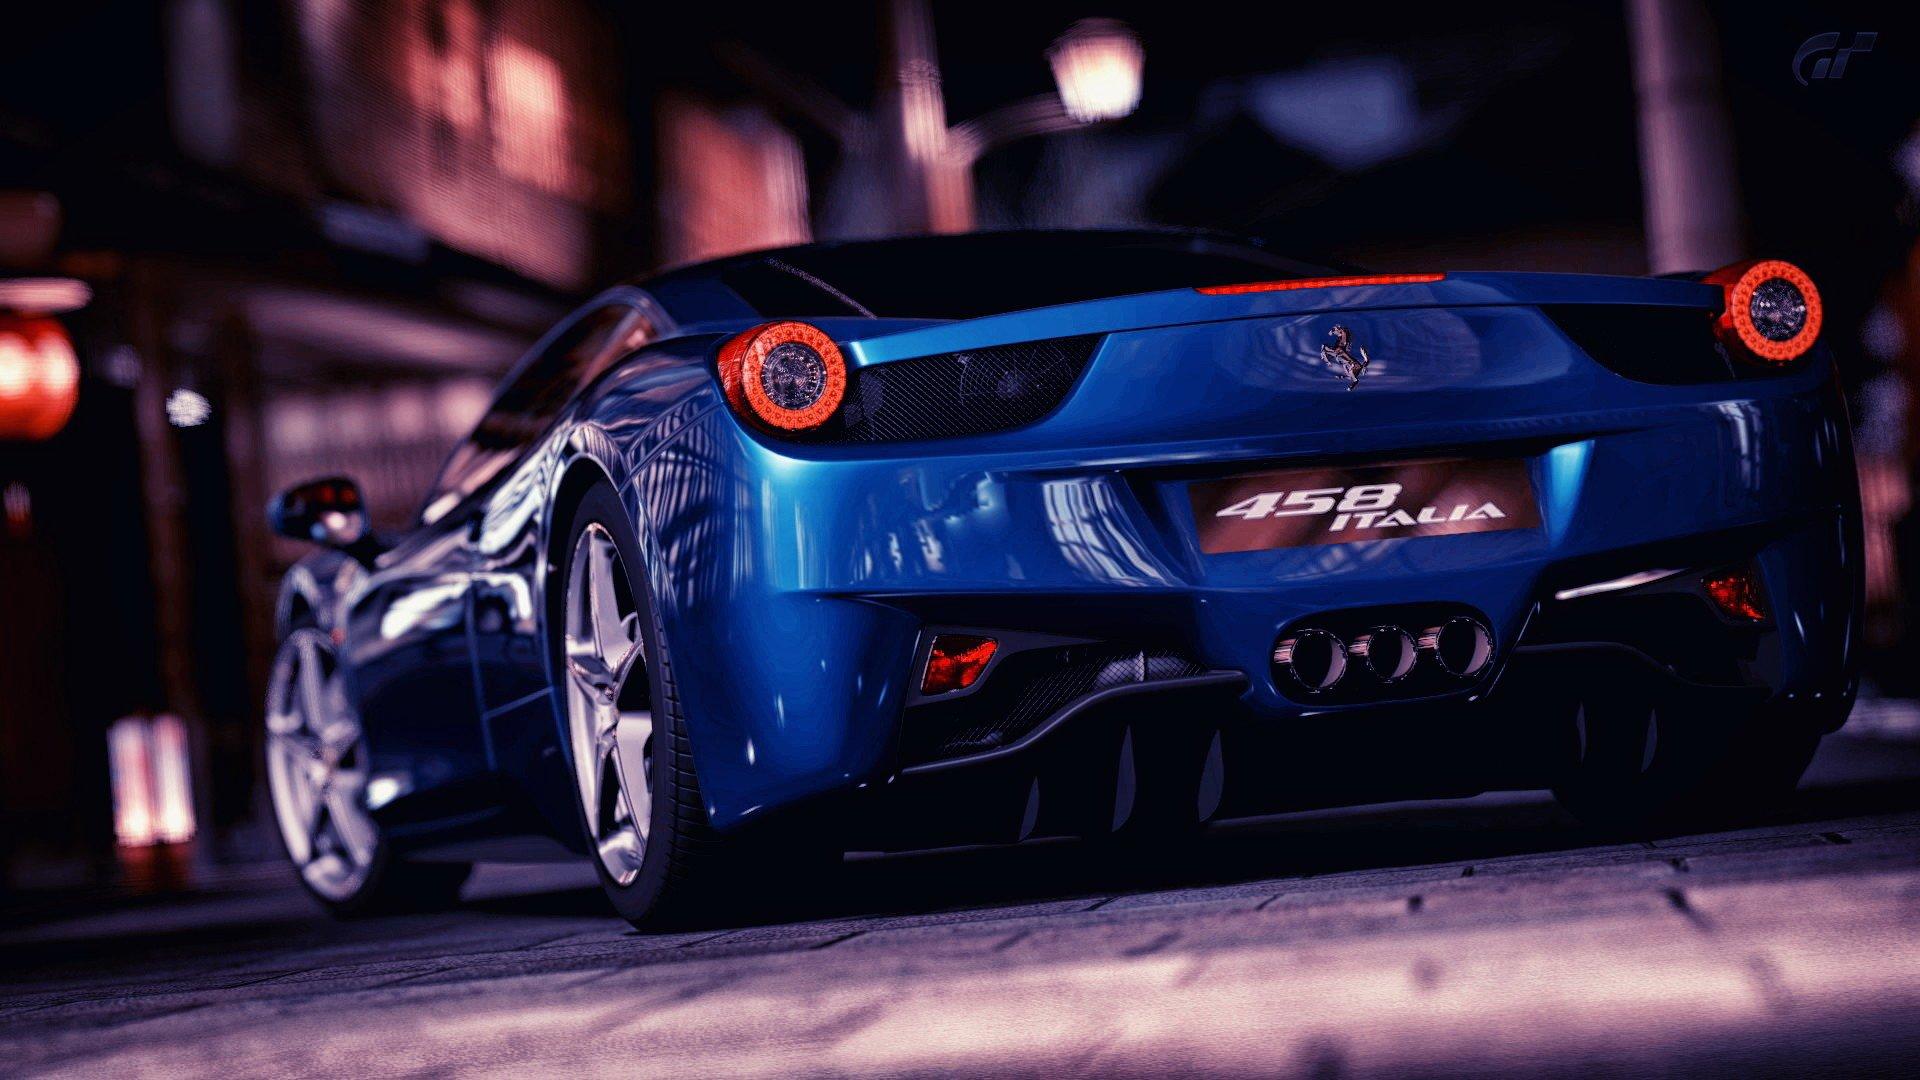 1134 Ferrari HD Wallpapers | Backgrounds - Wallpaper Abyss